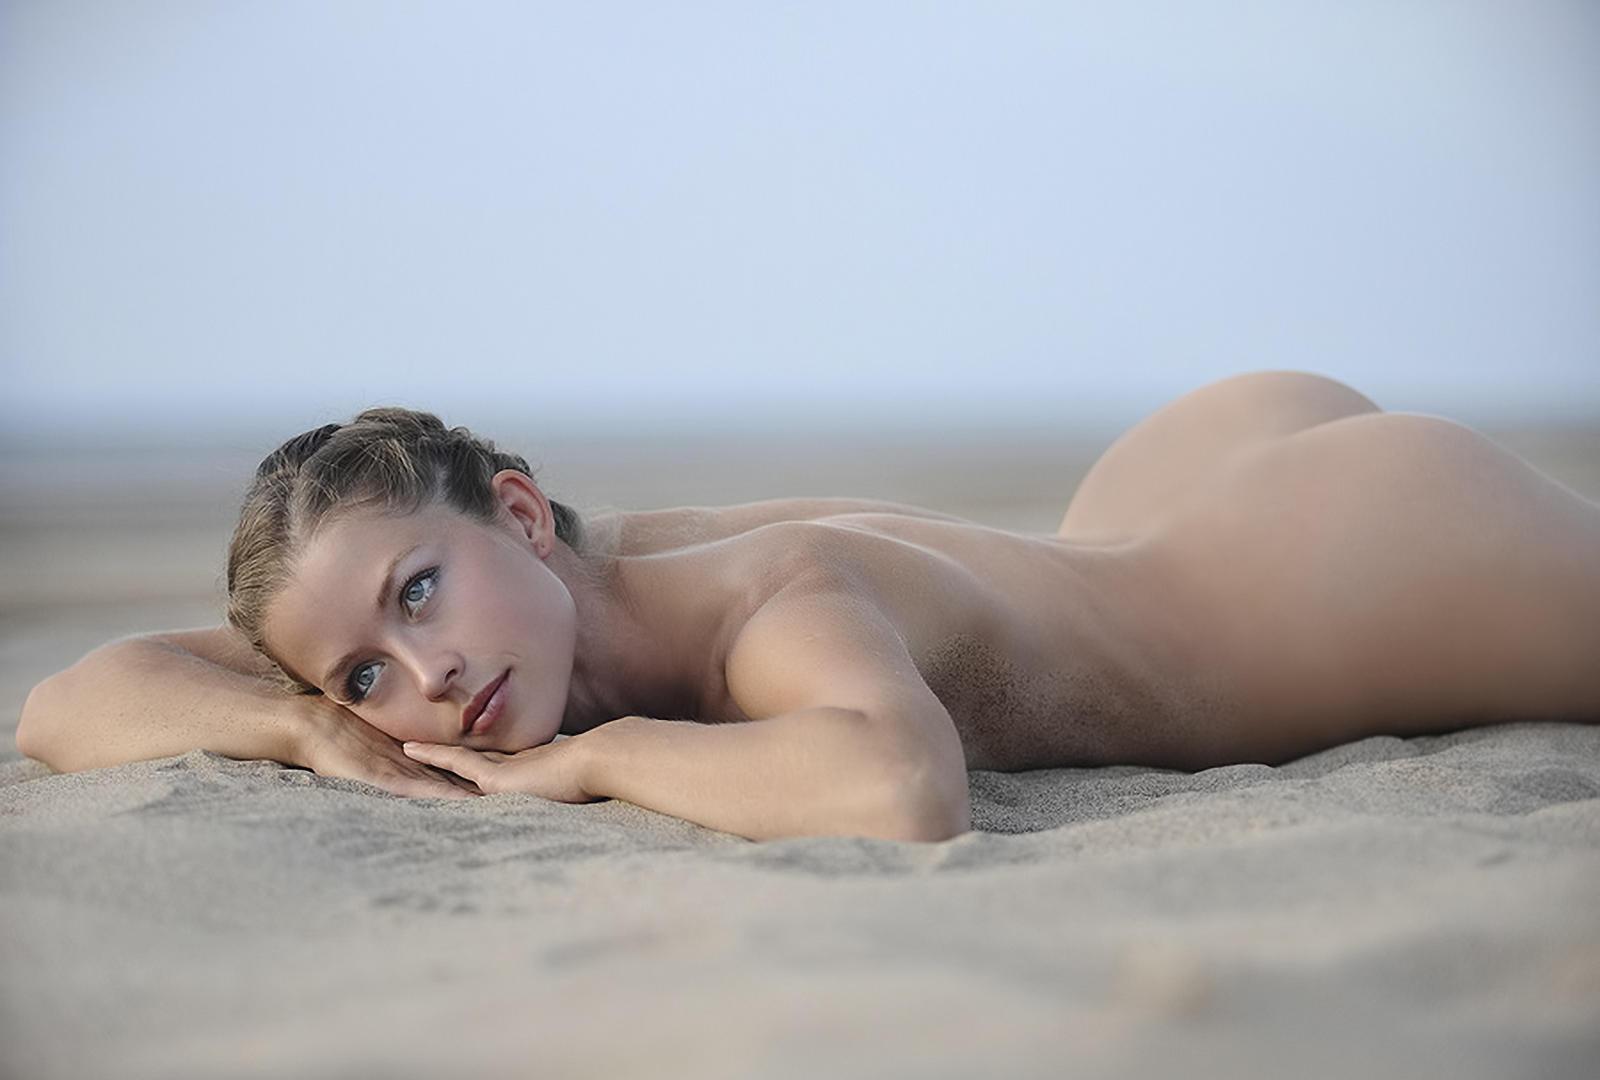 Beach babe ass